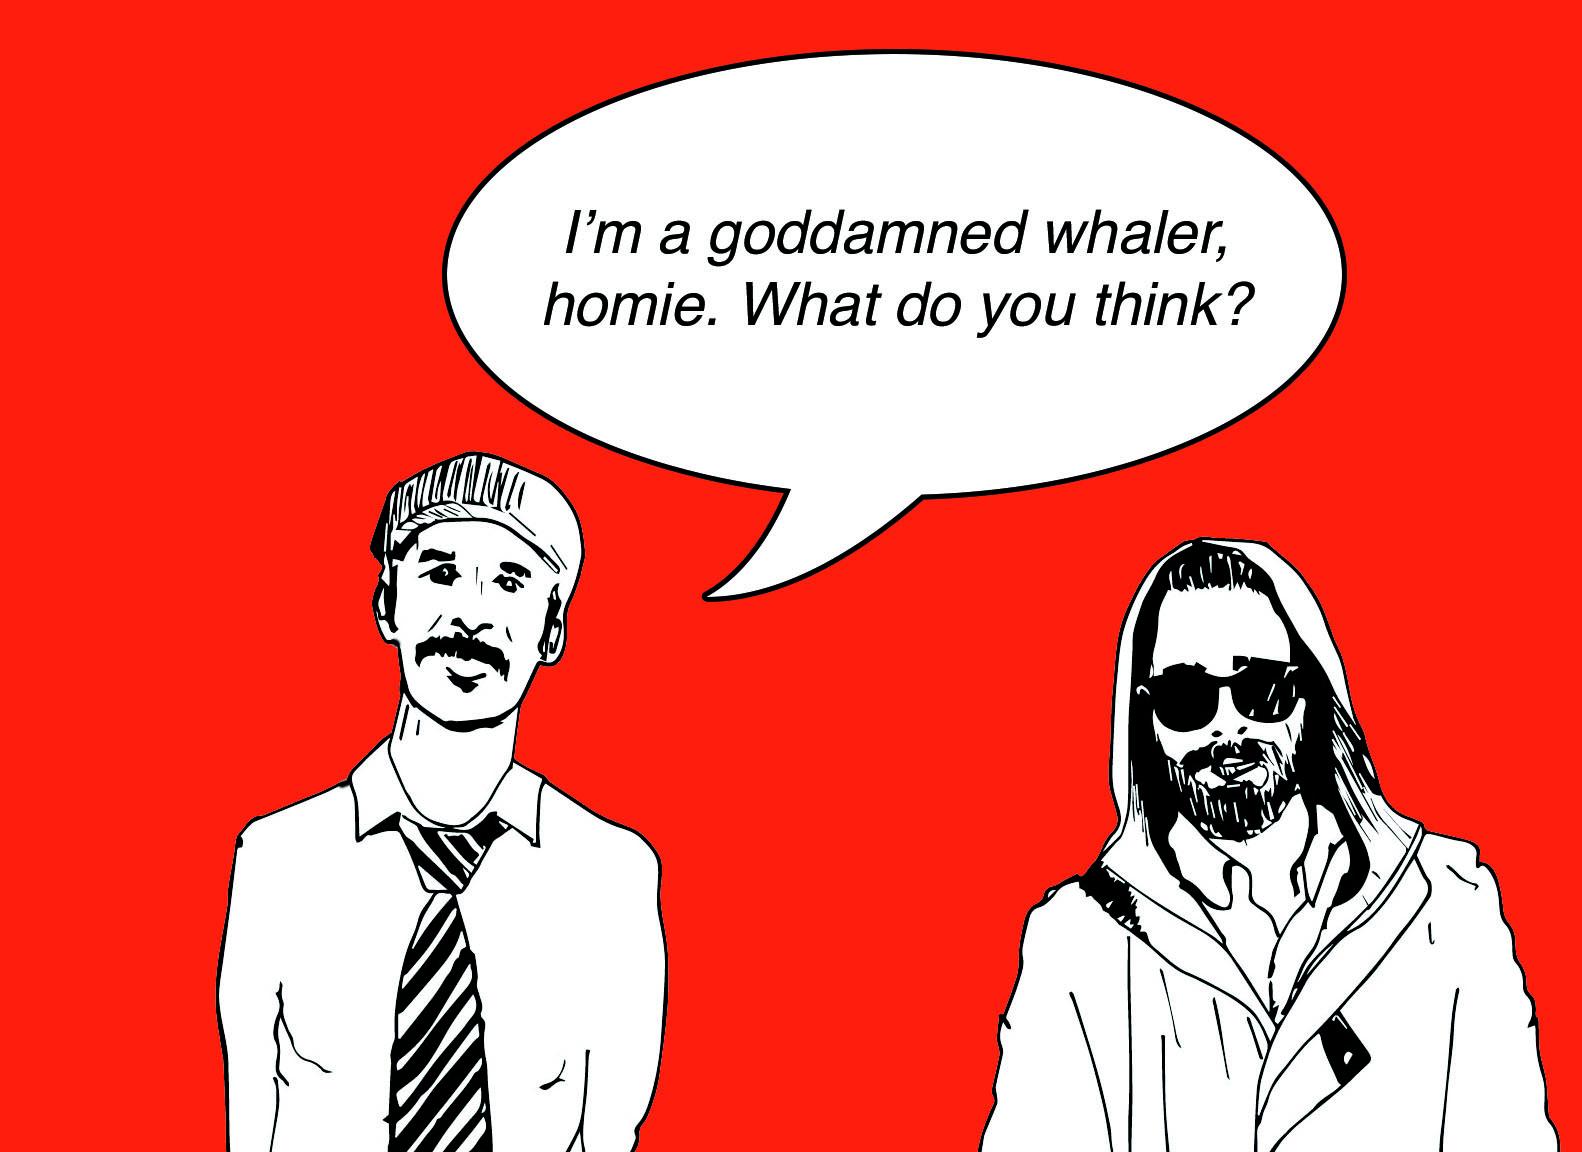 Whaler_8.jpg